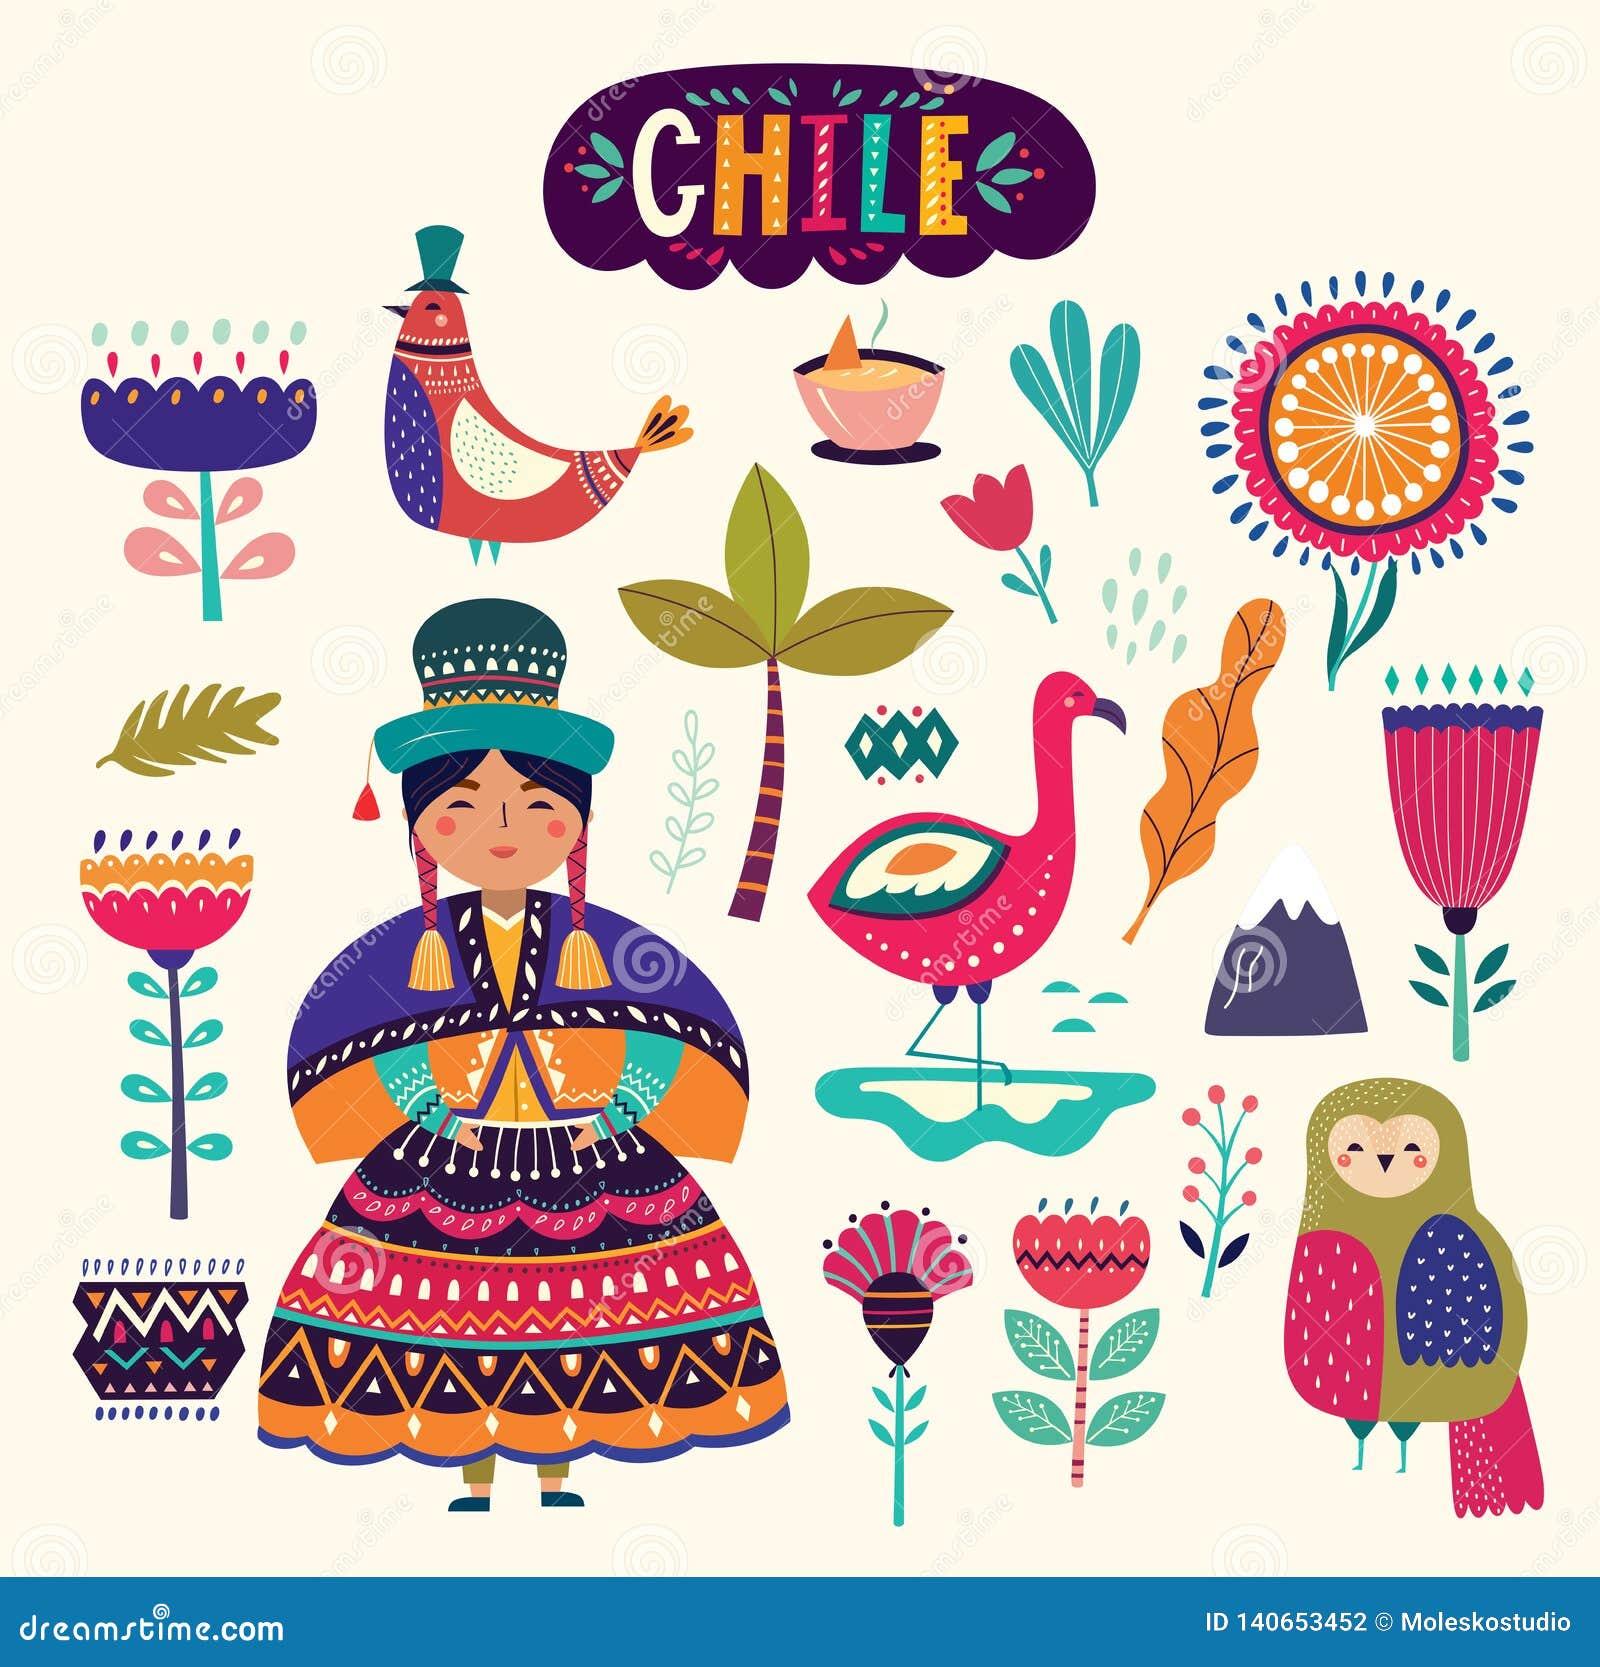 Samling av Chile symboler